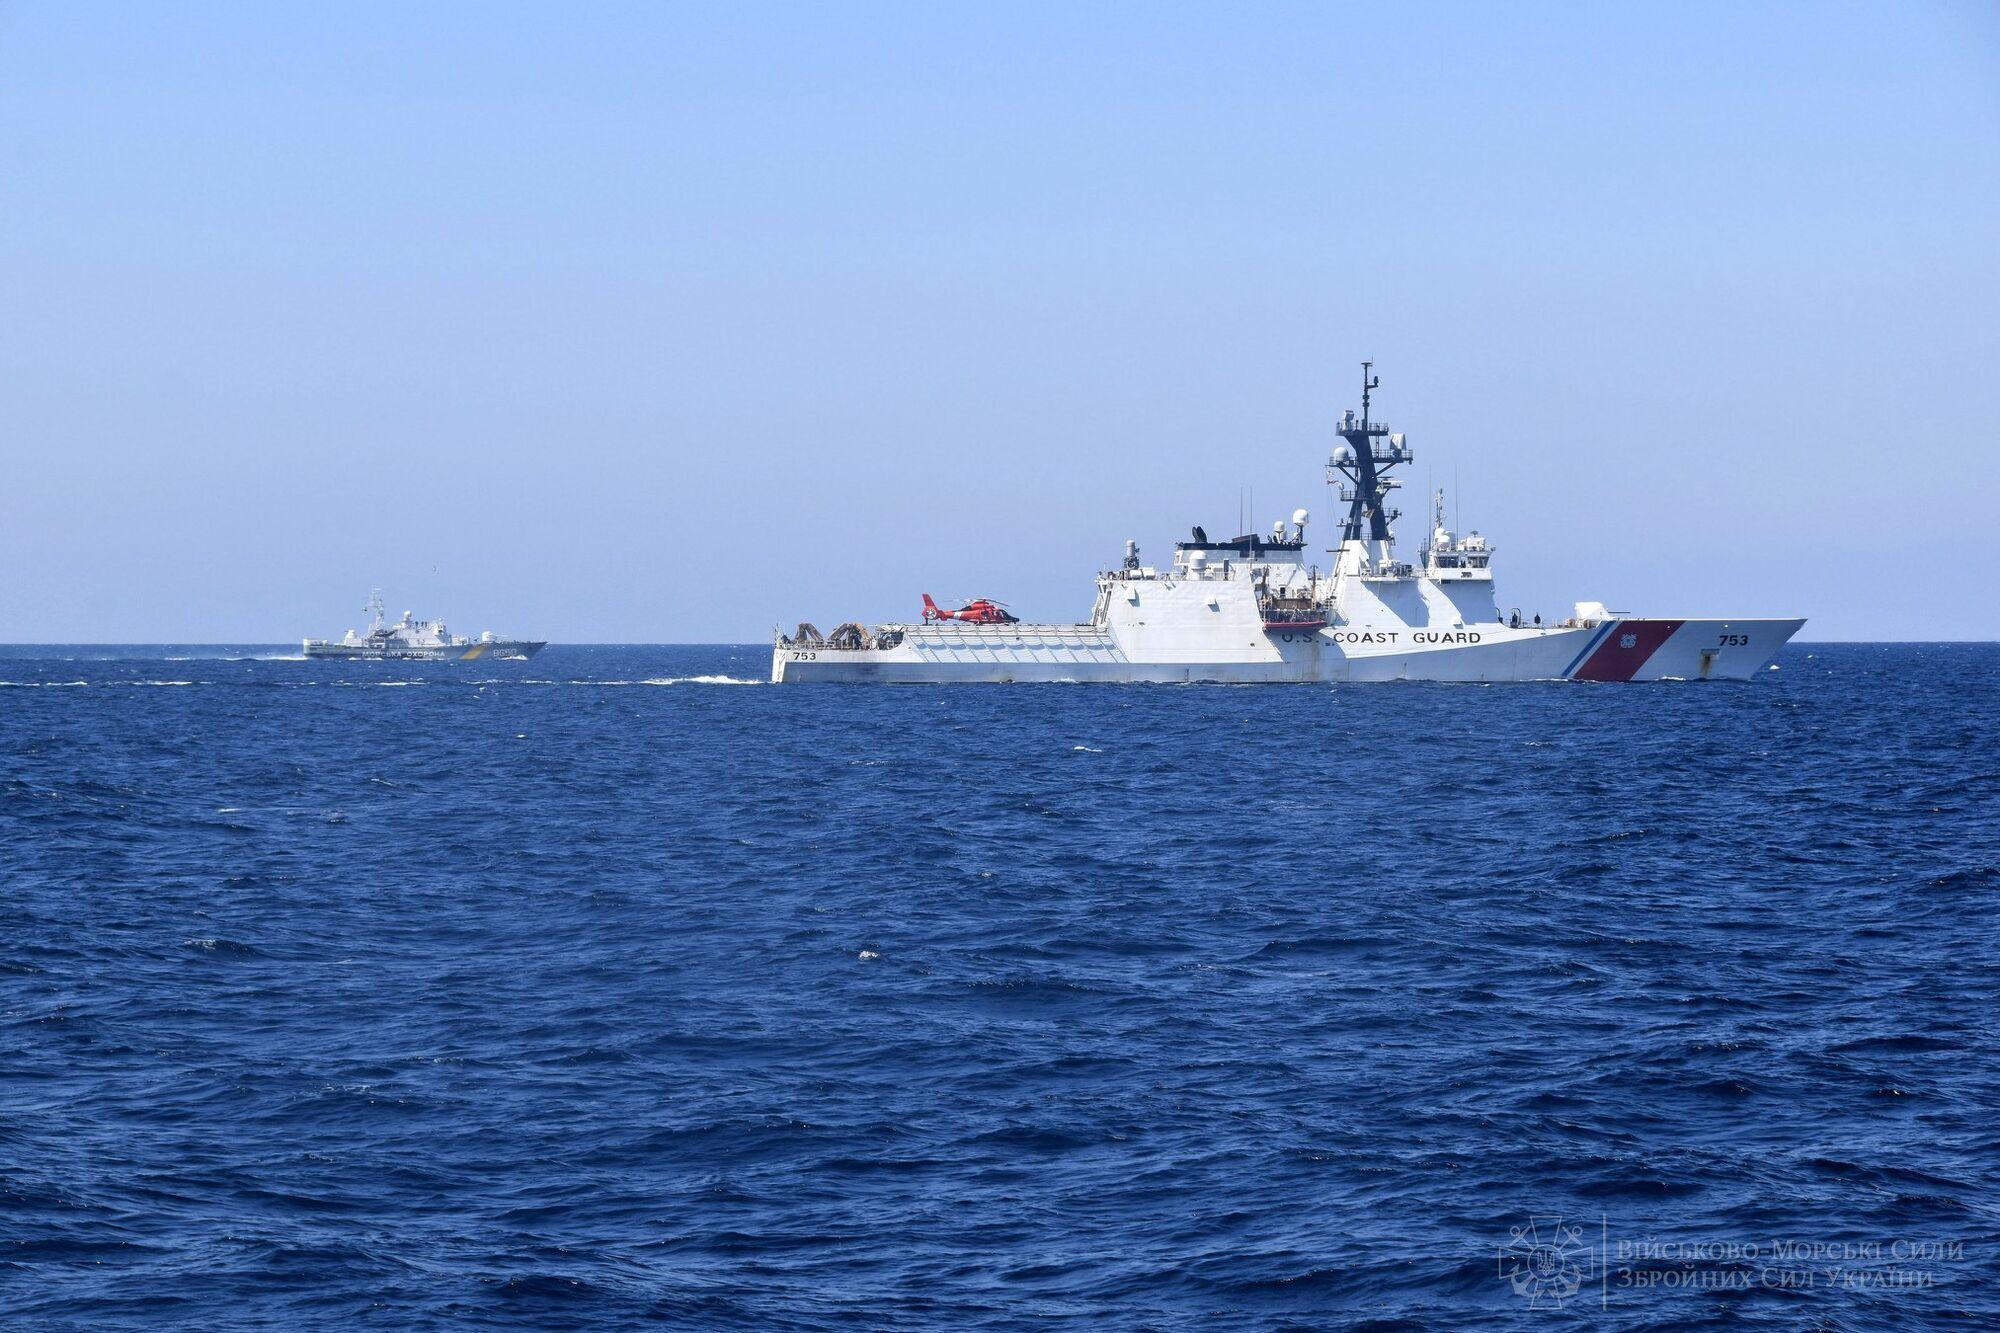 У тренуванні PASSEX взяли участь судна ВМСУ, ДПС та американських партнерів